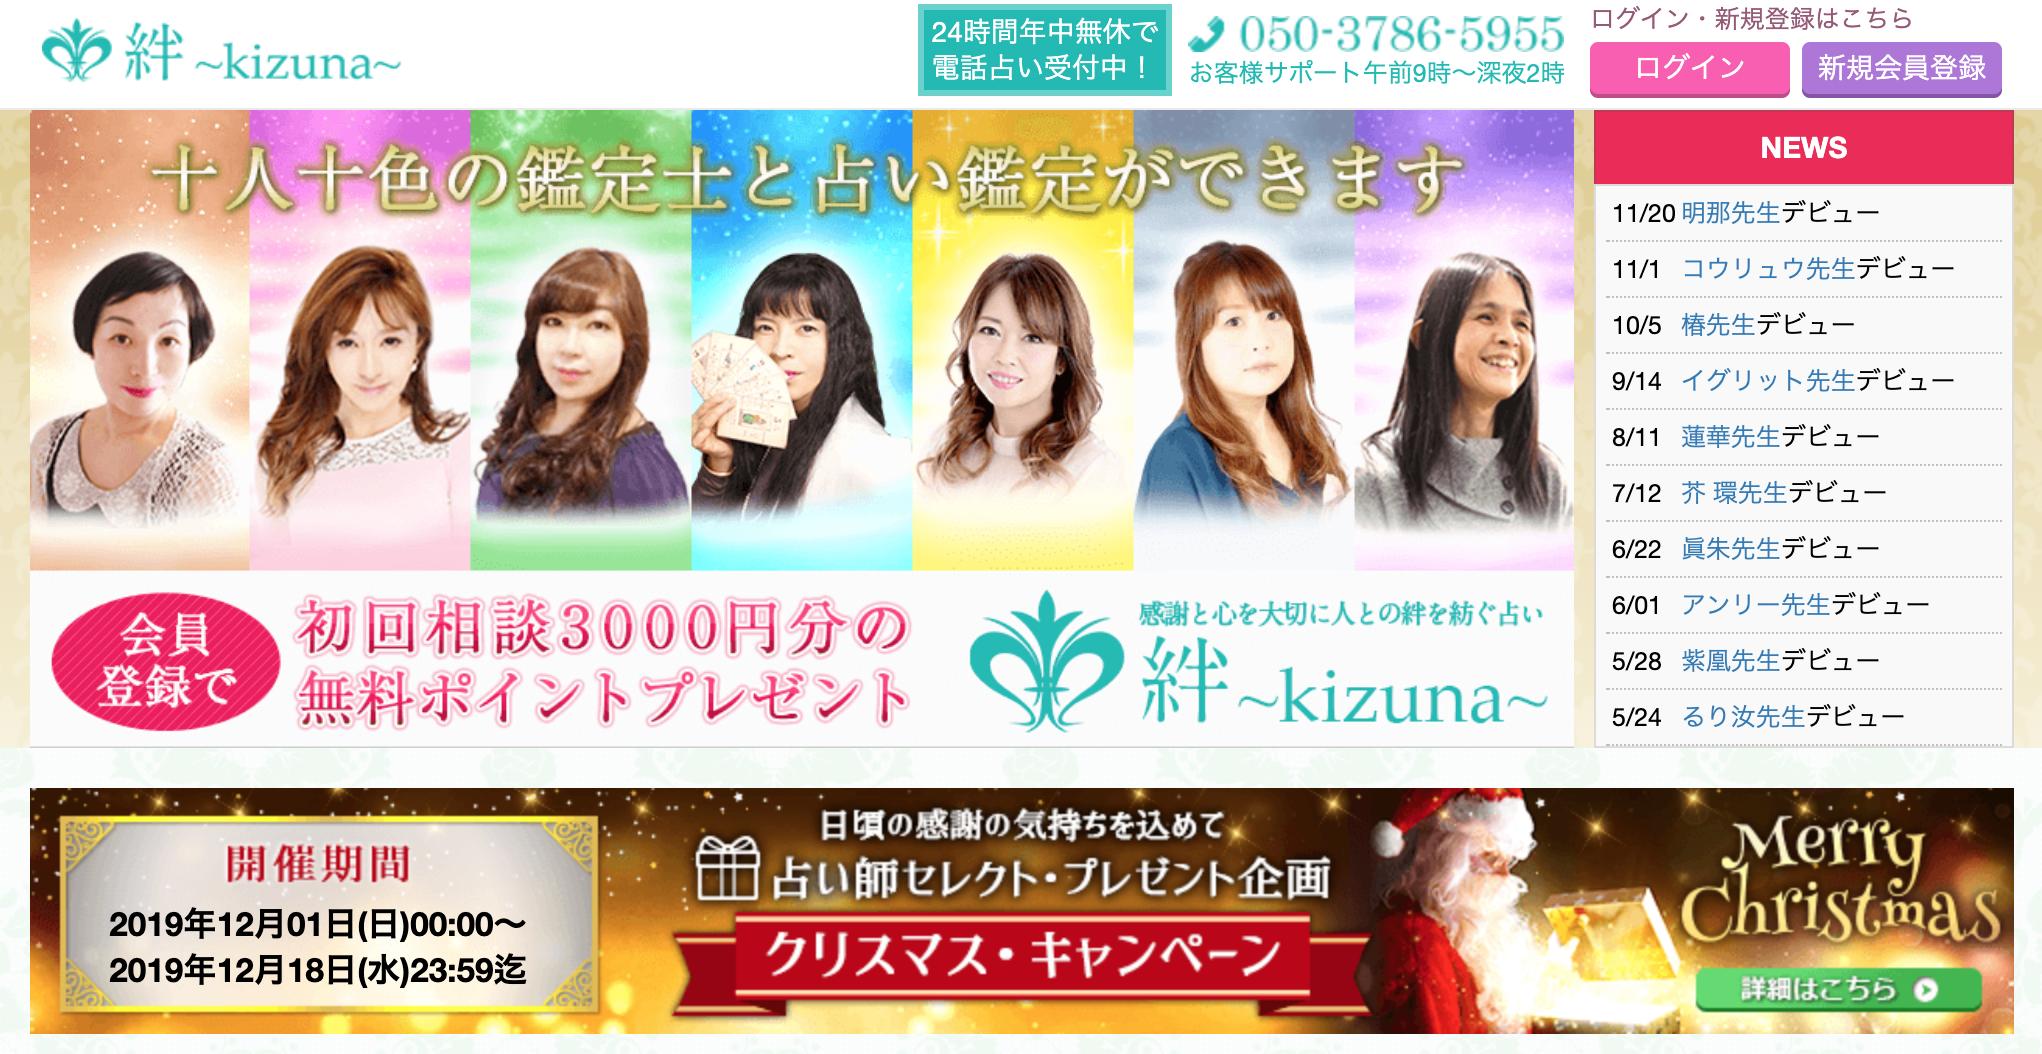 電話占い 絆kizuna